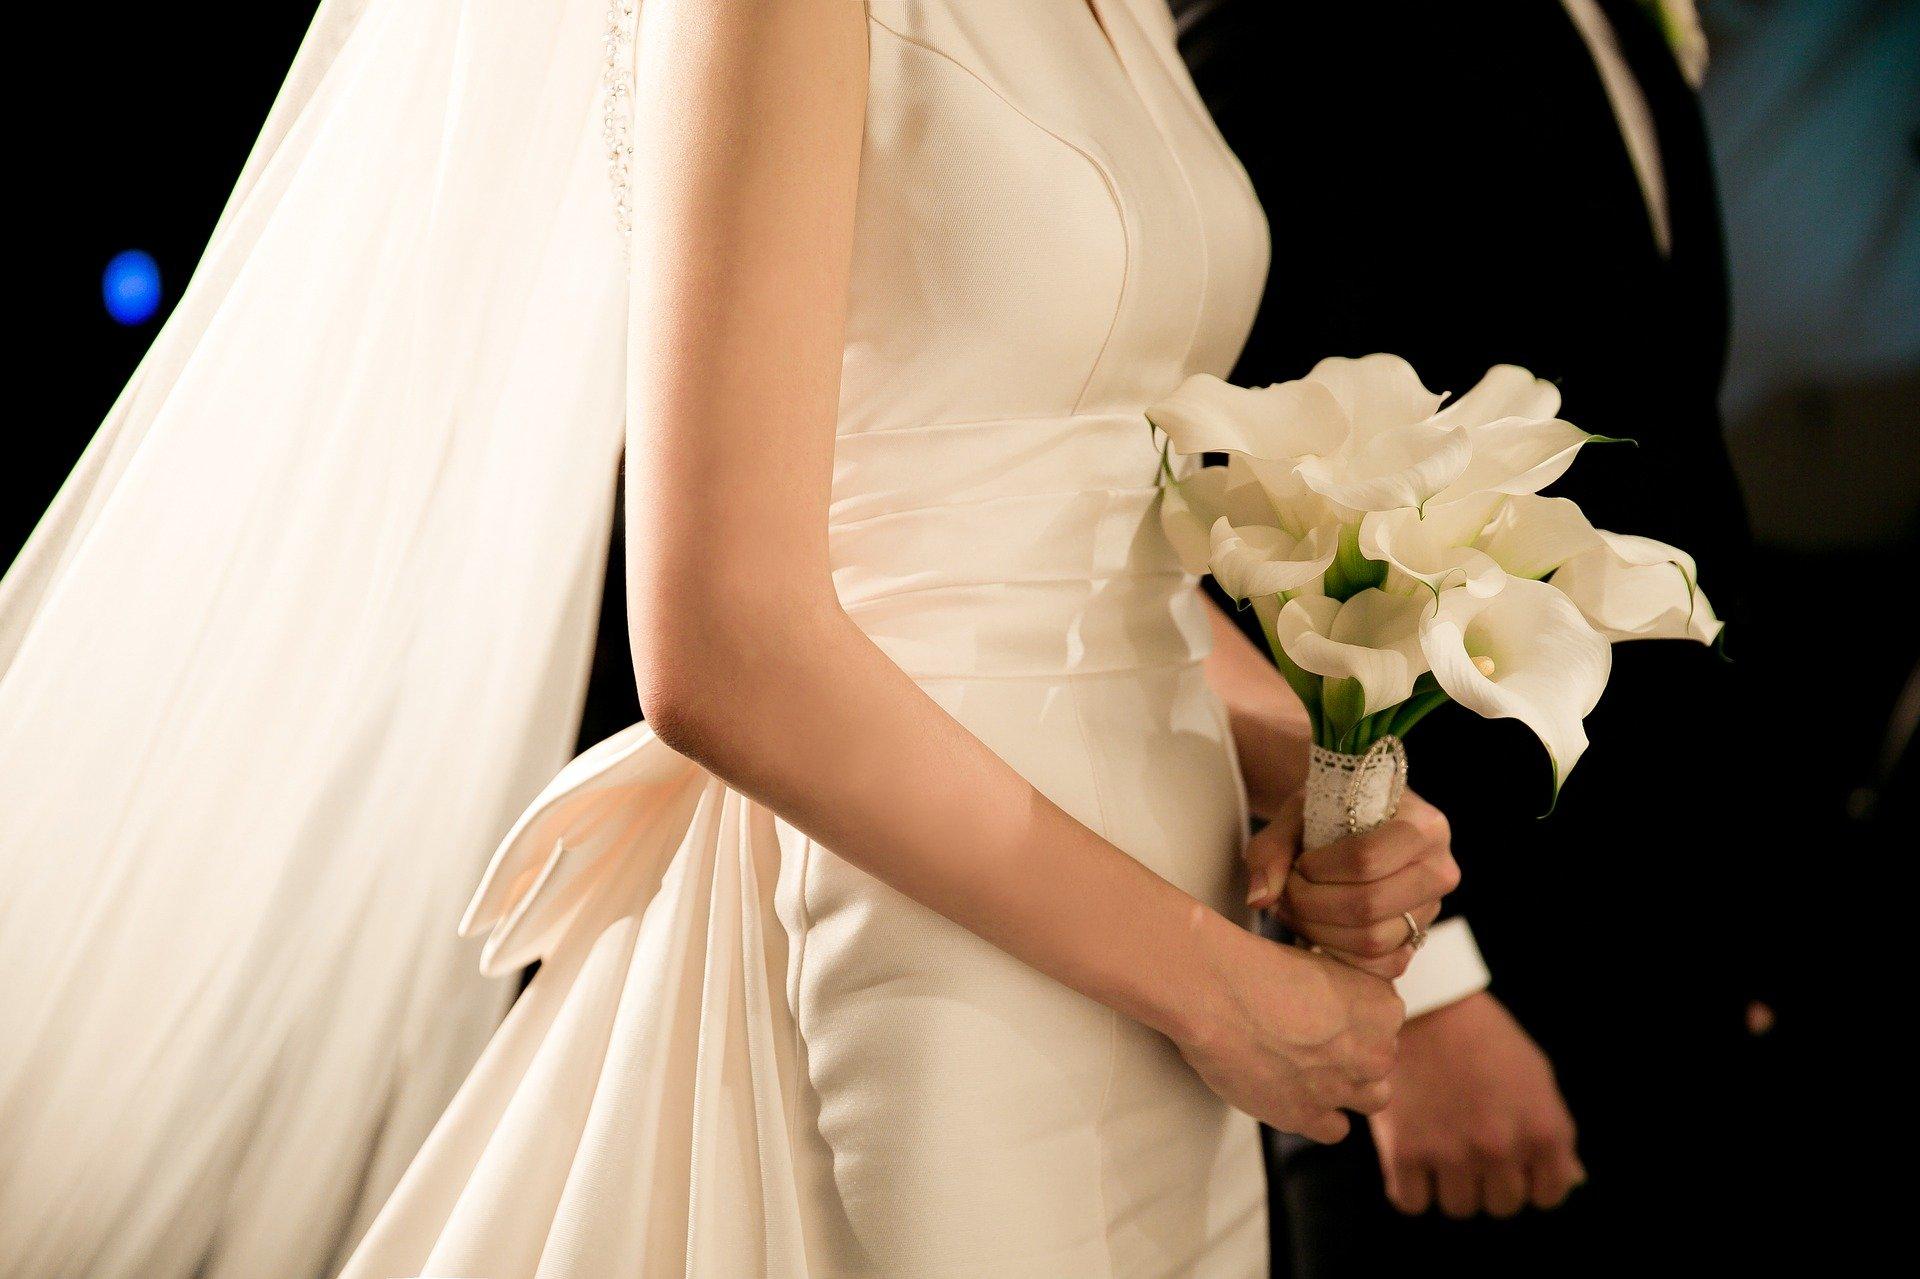 Заявления на регистрацию брака начали принимать в гостинице «Даниловская»